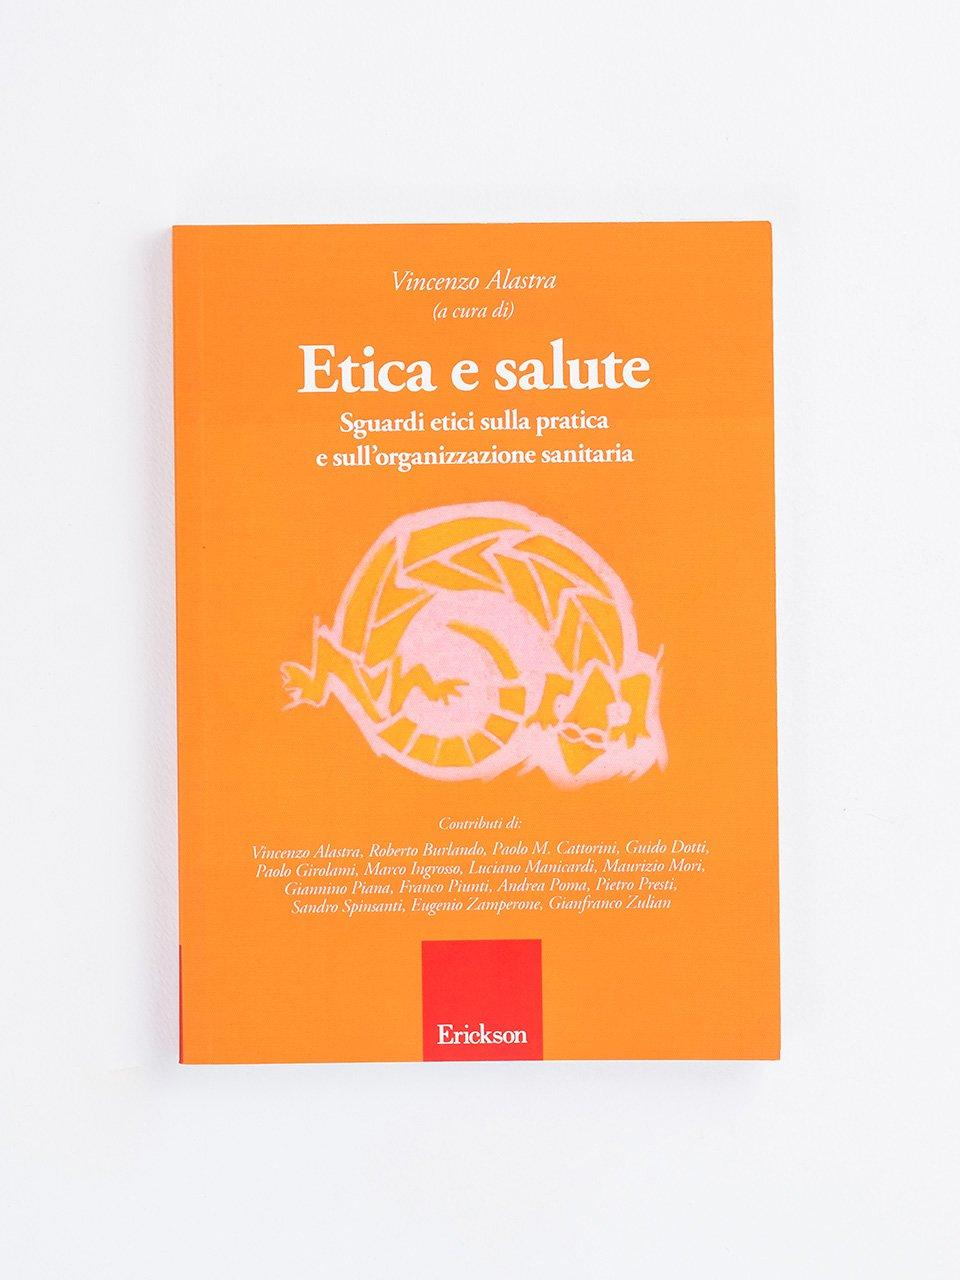 Etica e salute - Test SAT-P - Soddisfazione soggettiva e qualità de - Libri - Strumenti - Erickson